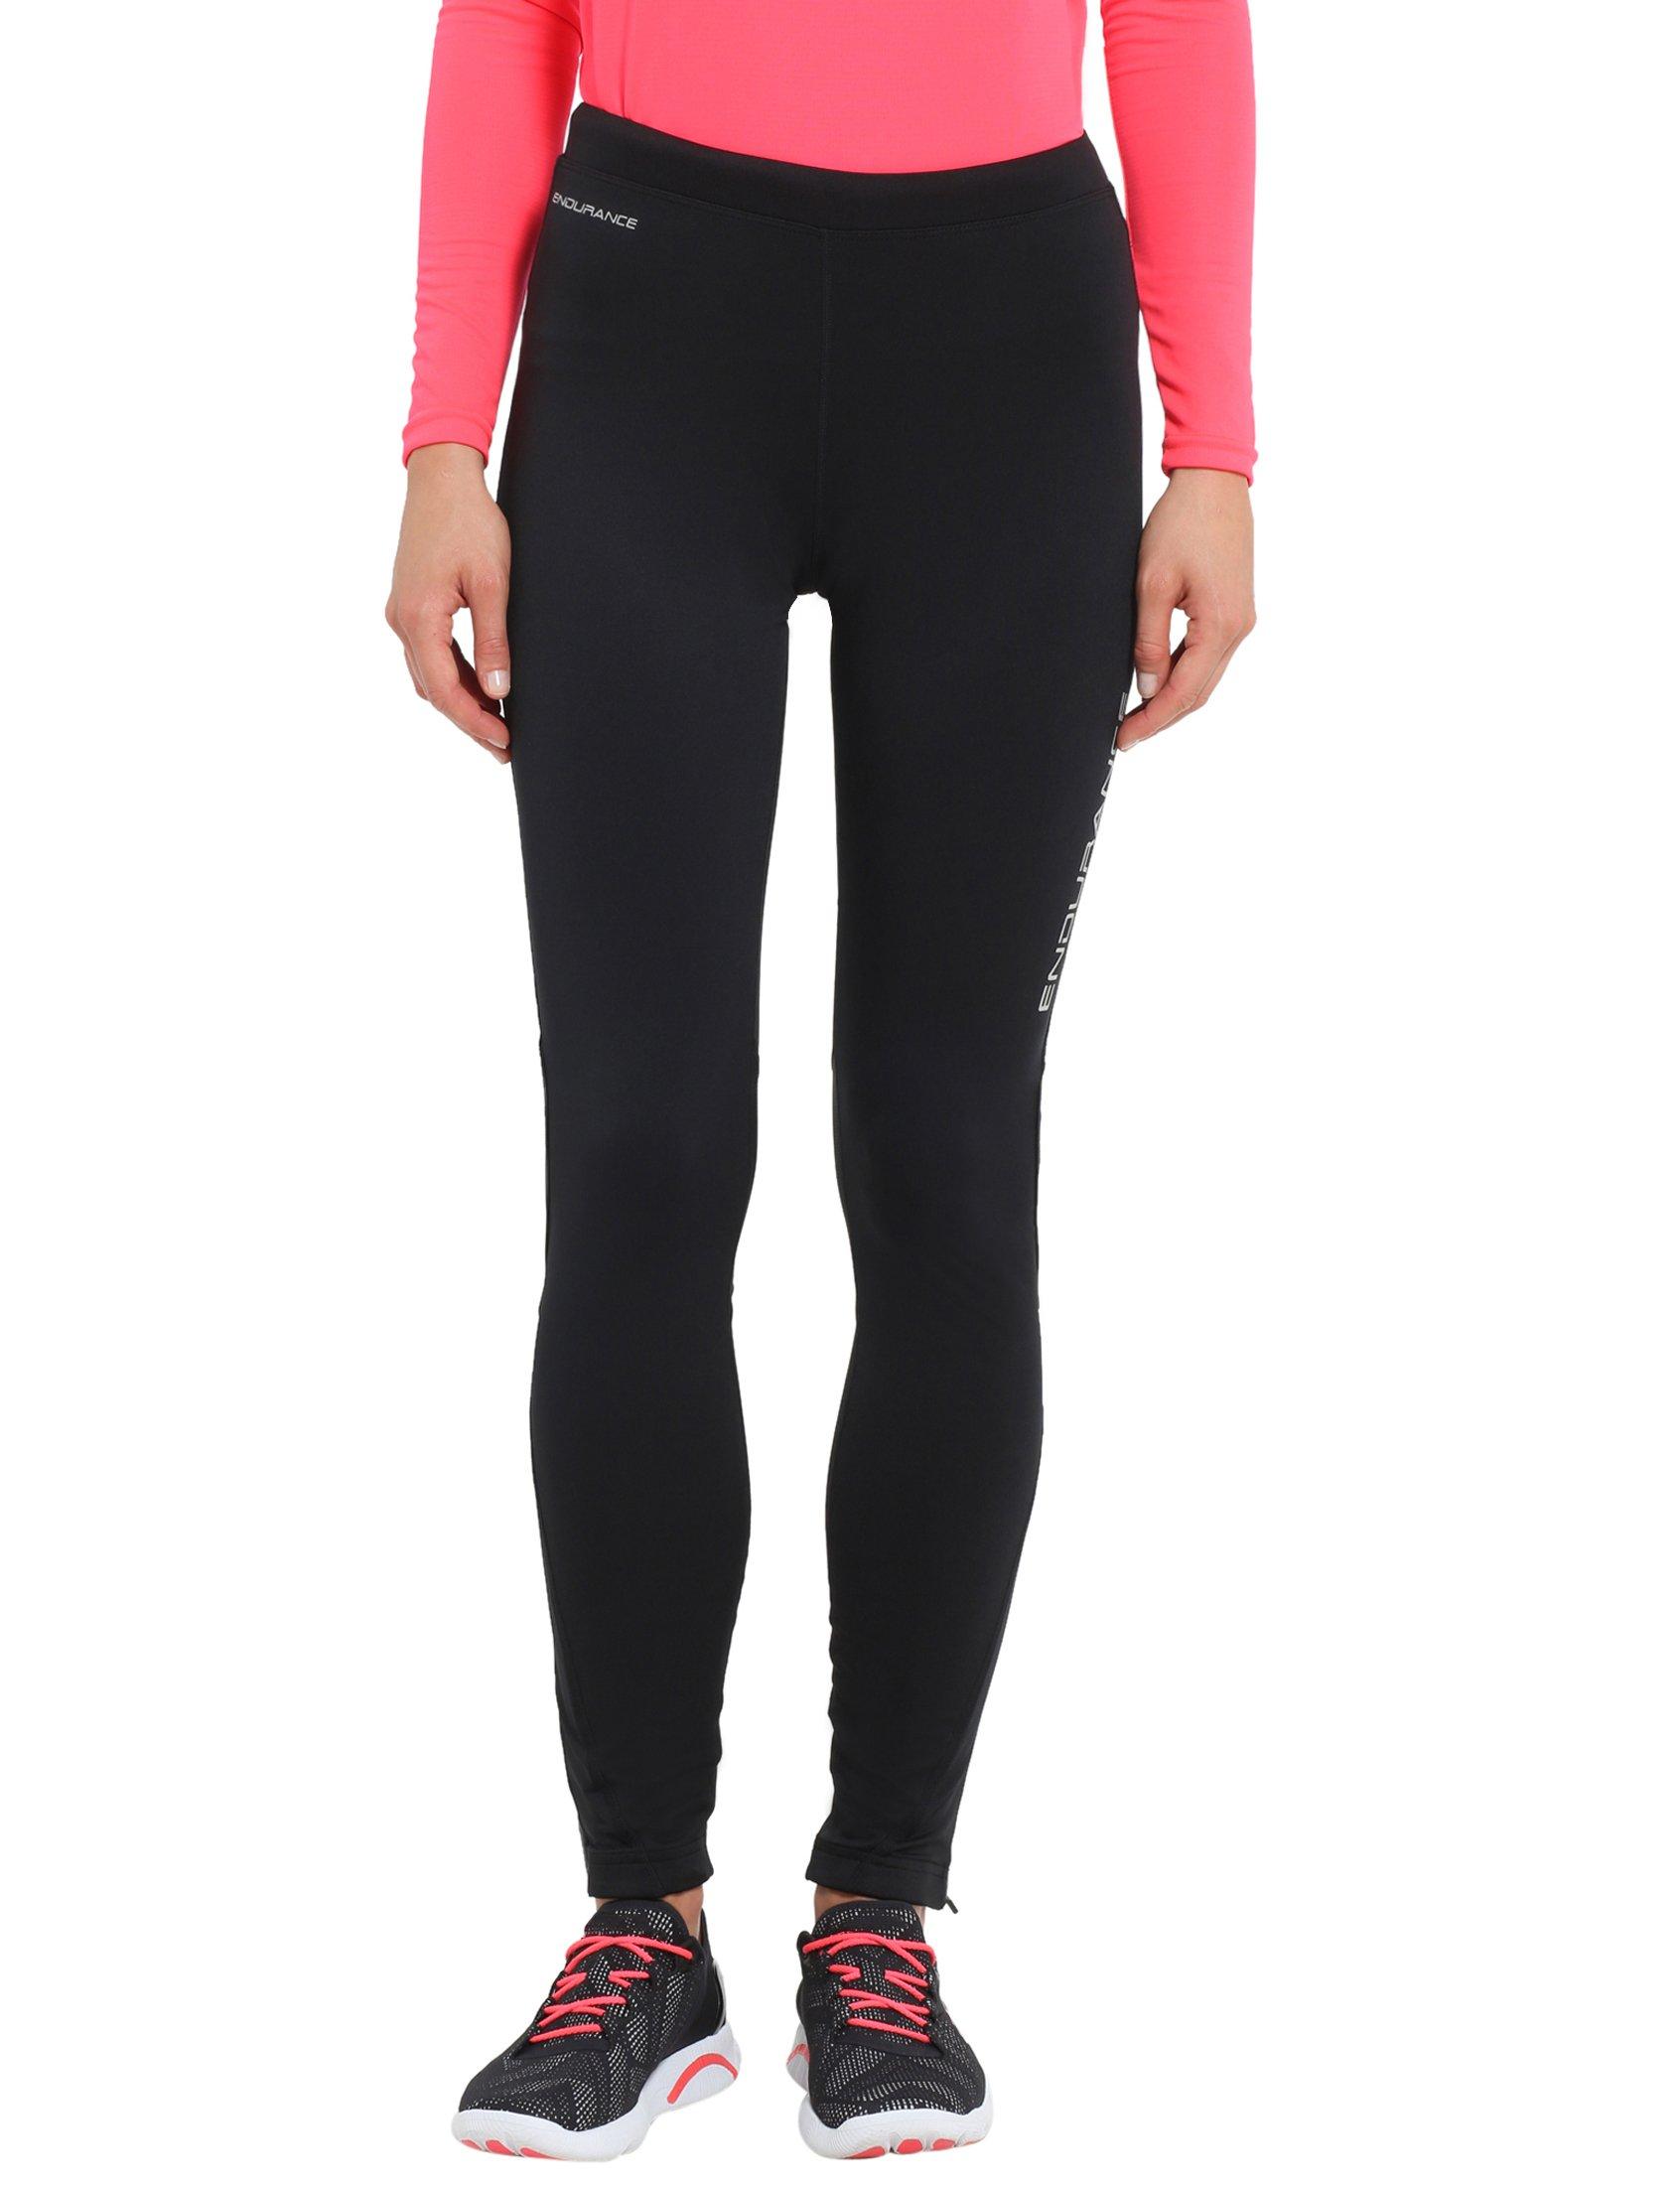 957590ea532d6 Ultrasport Endurance Women's Running Pants Ventura, Long ...